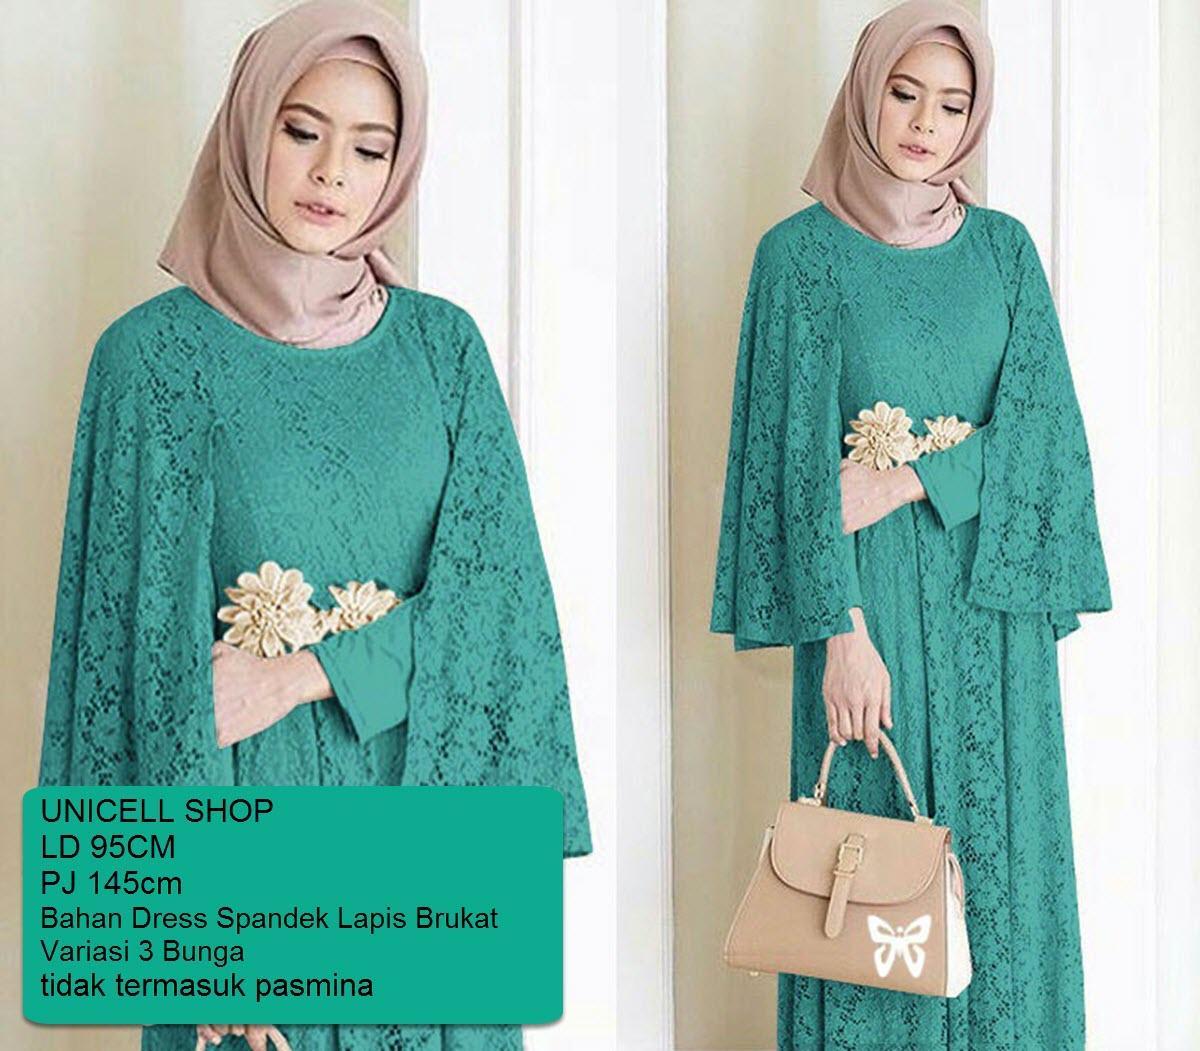 d8f29f933eef969cff1317da0dba8d1f Koleksi List Harga Dress Muslimah Fesyen Terkini Paling Baru bulan ini